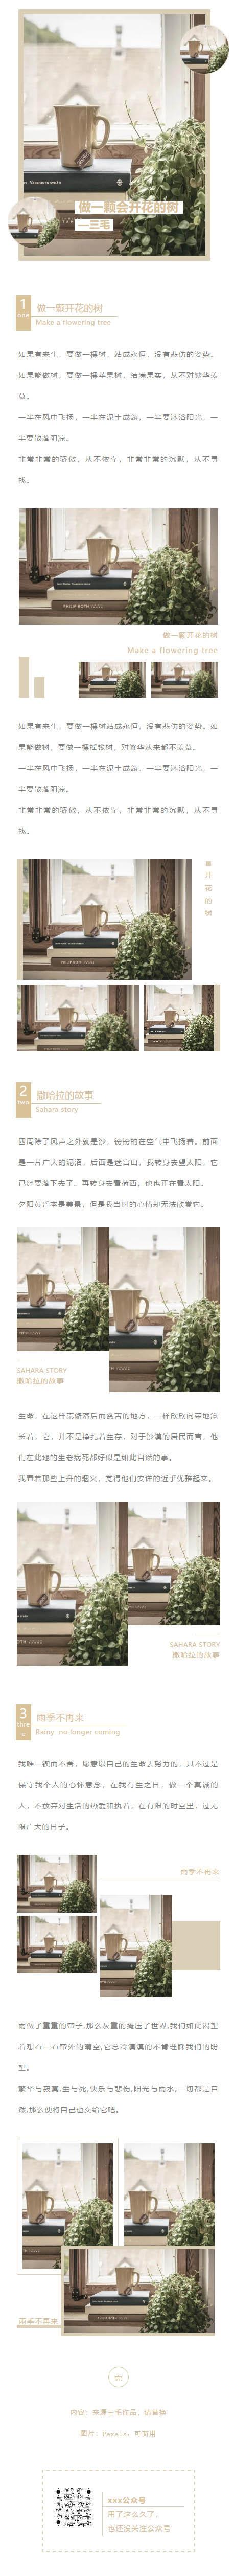 文艺清新文学作品读书日读书节微信公众号推送图文模板推文素材